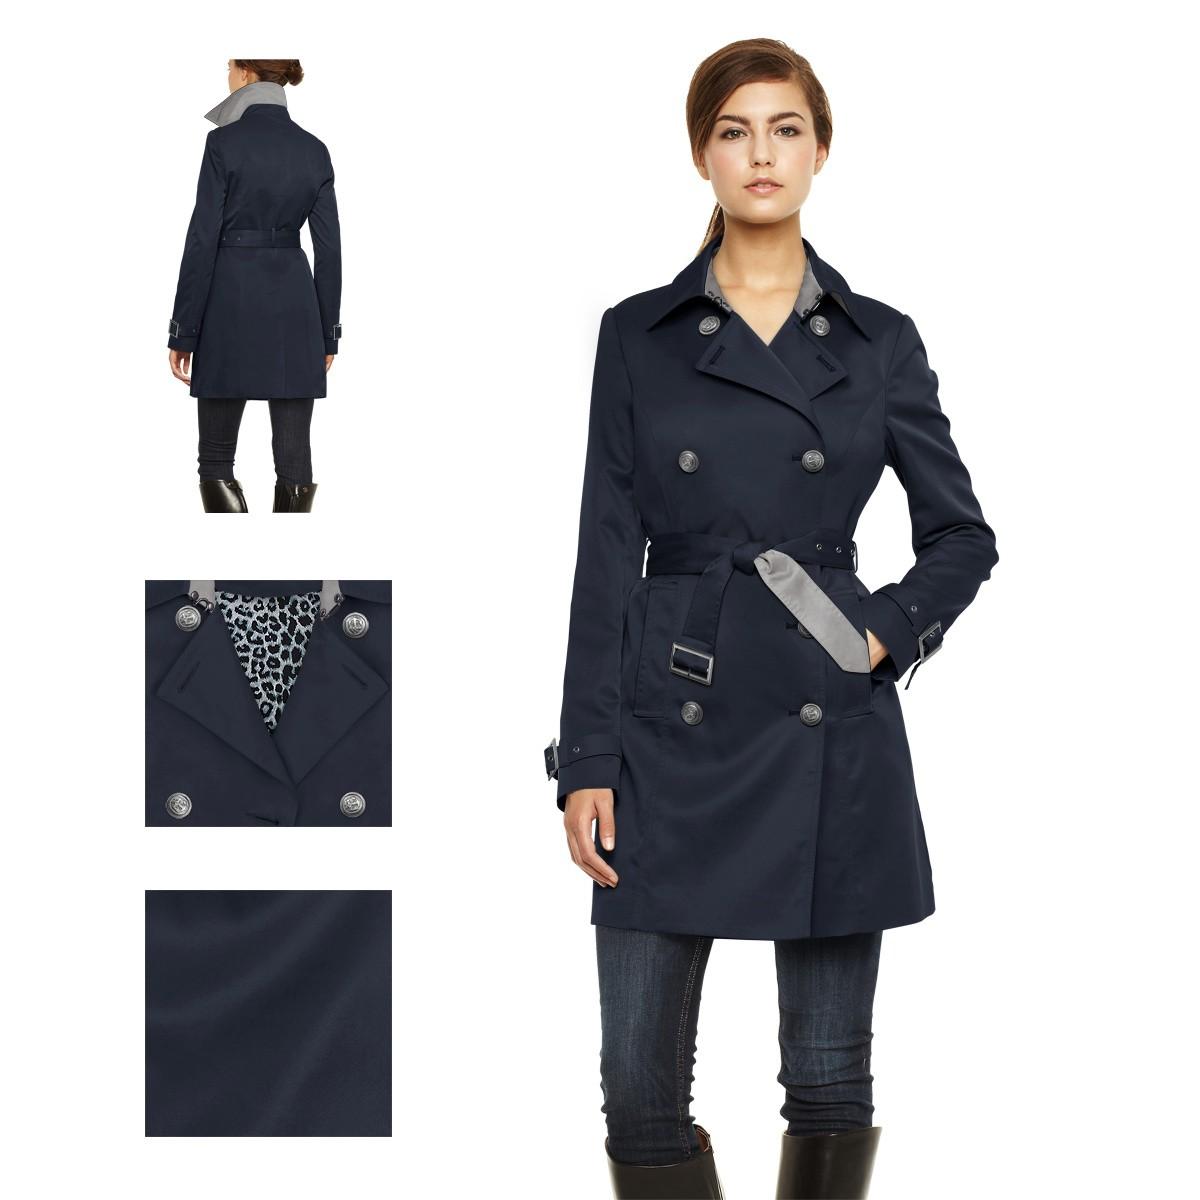 fdcc612ff179 Je veux trouver un beau trench femme d automne ou d hiver pas cher ICI  Trench femme bleu